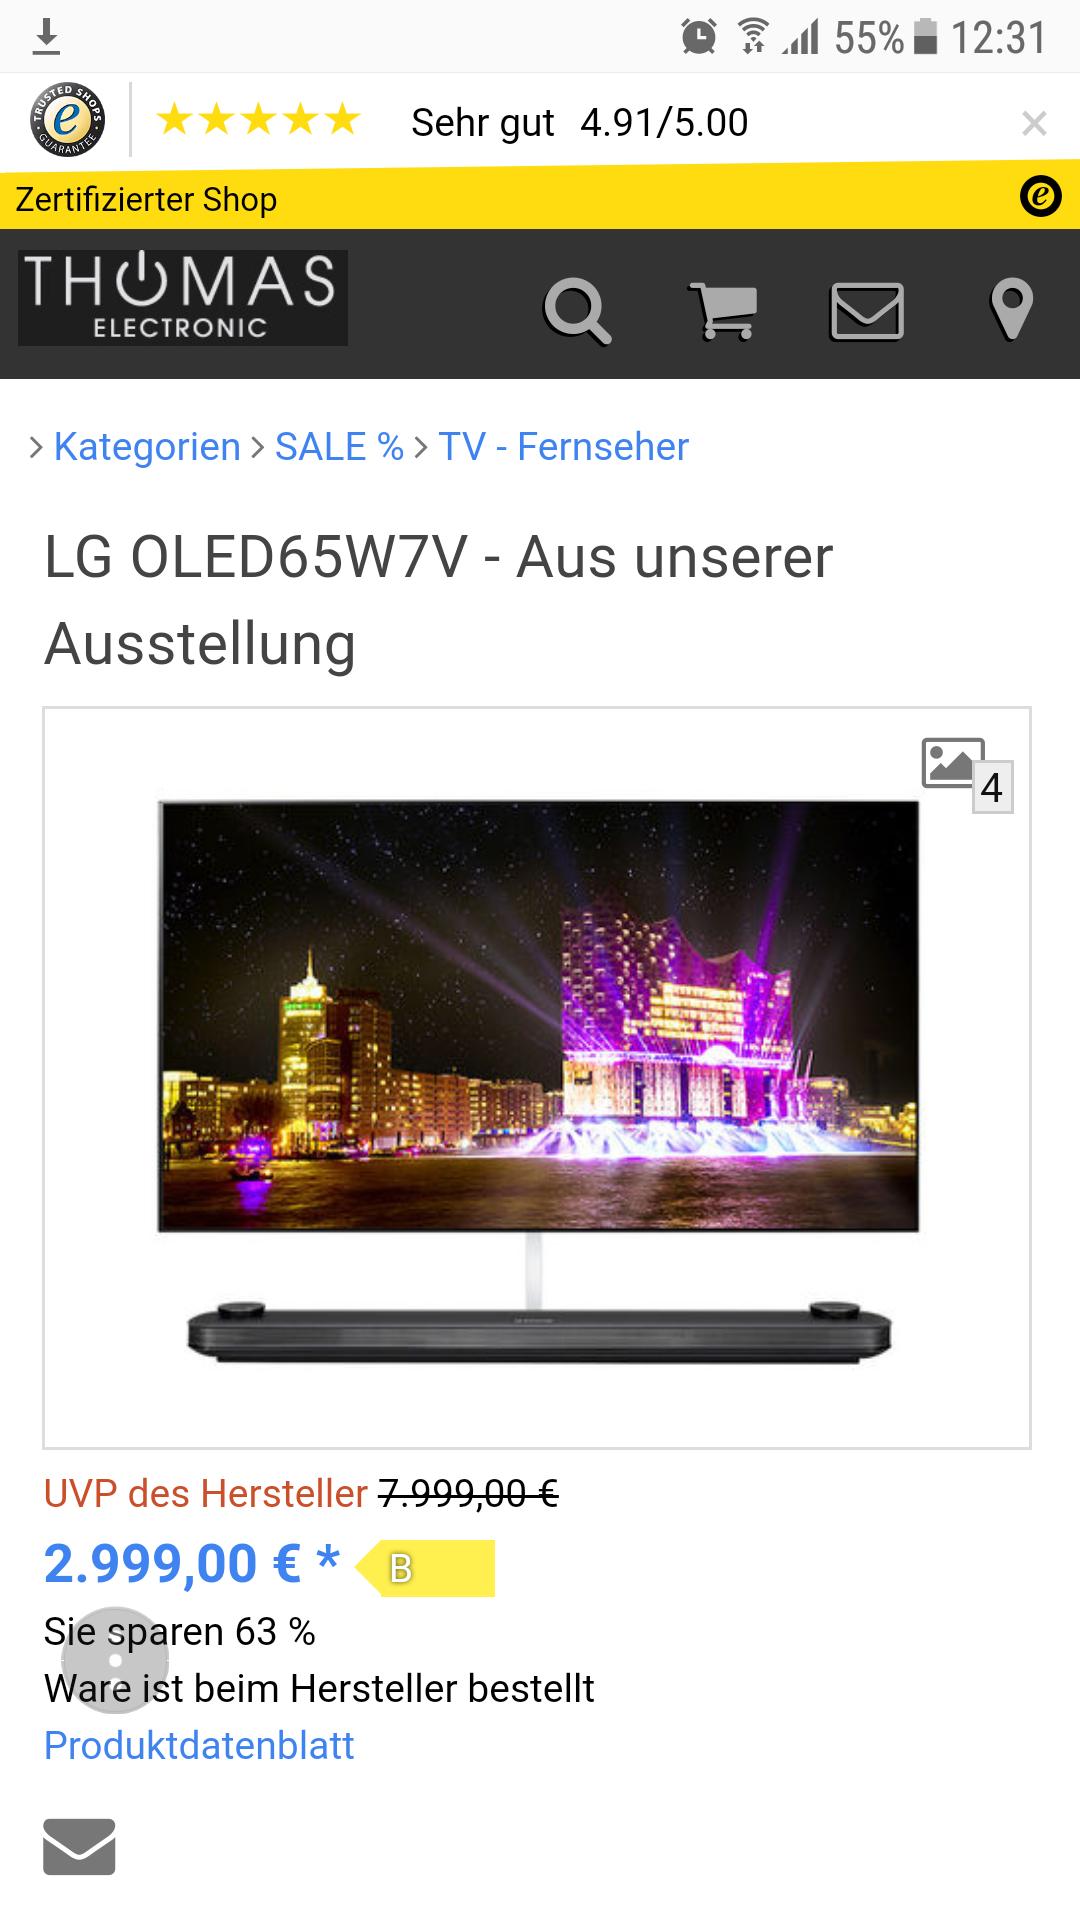 LG oled65w7v bei Thomas Electronic 2999€